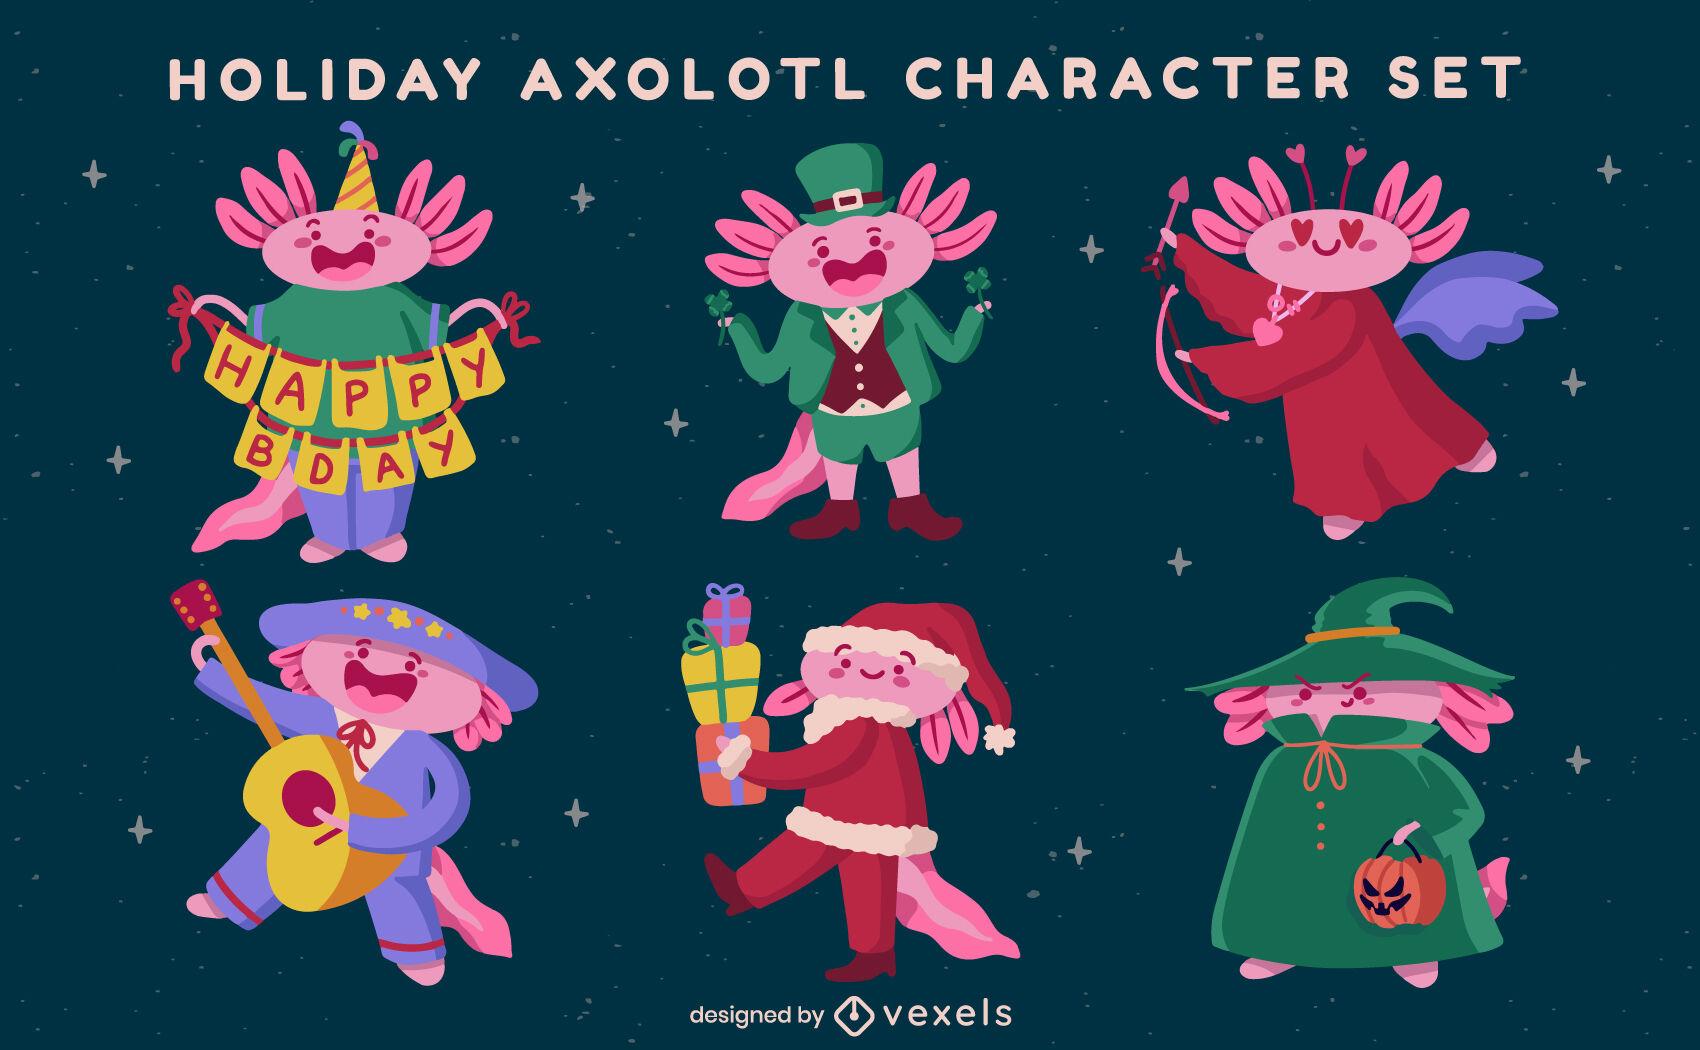 Holiday axolotl animals character set